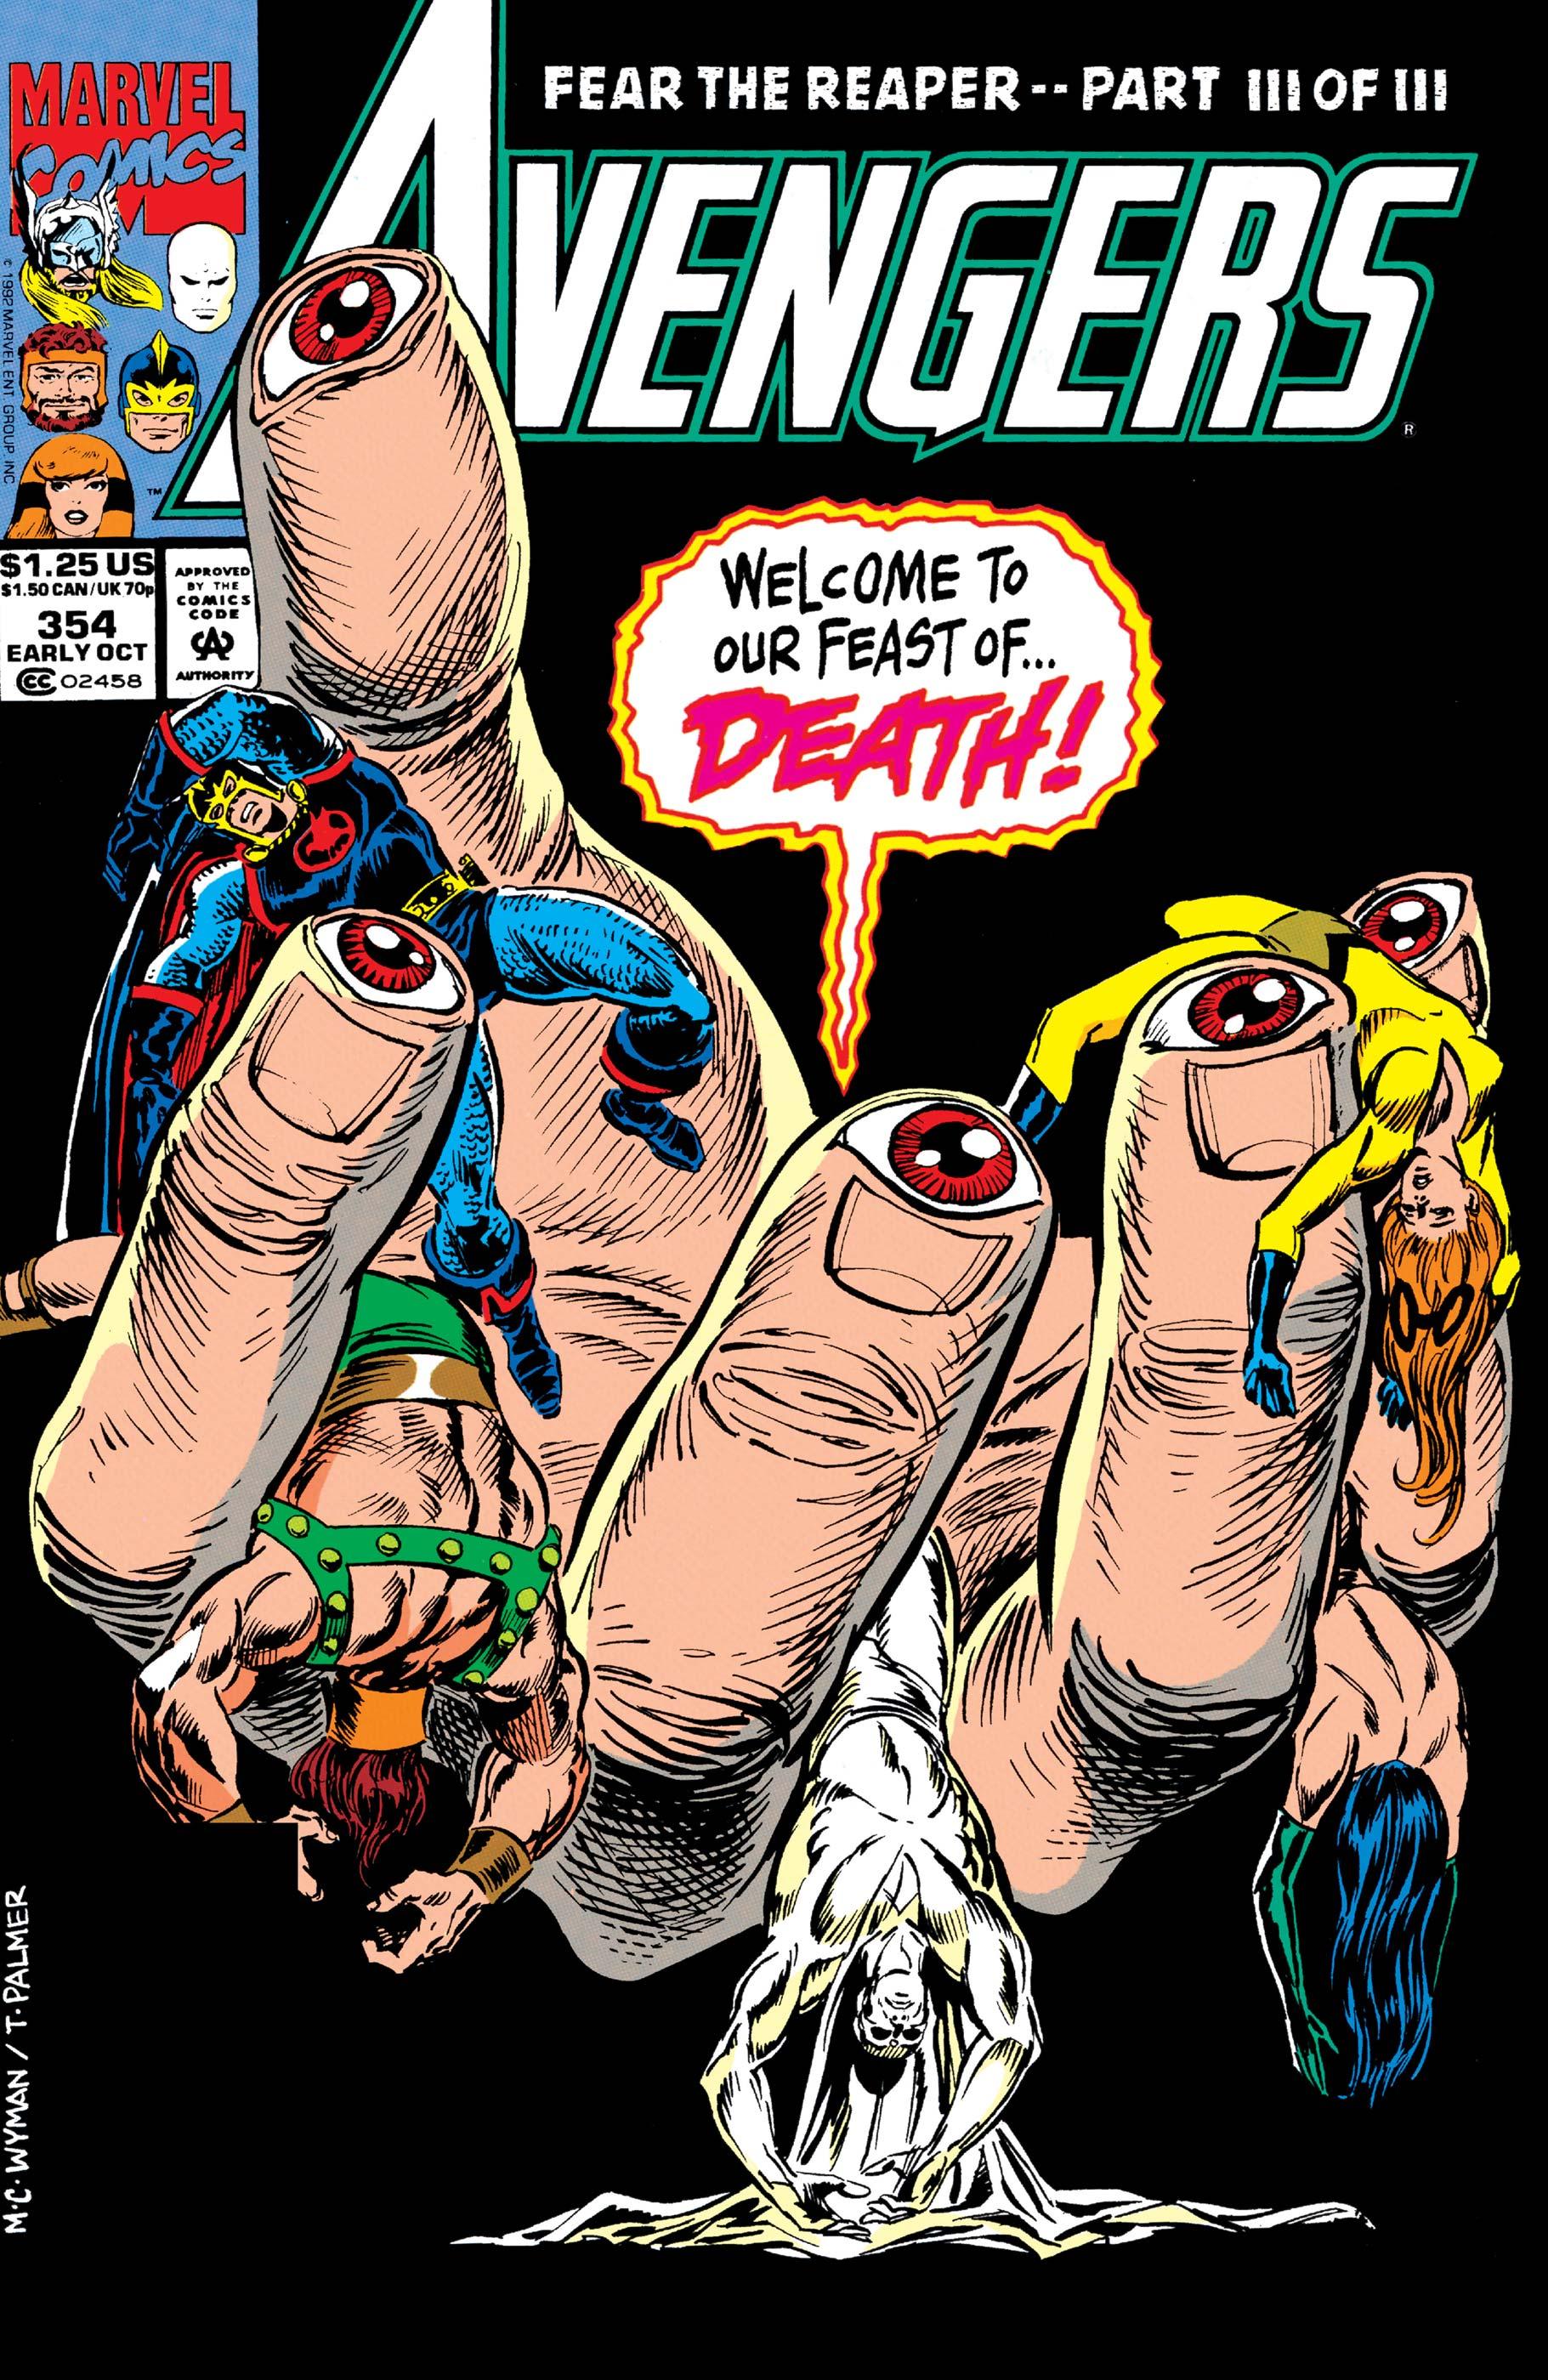 Avengers (1963) #354